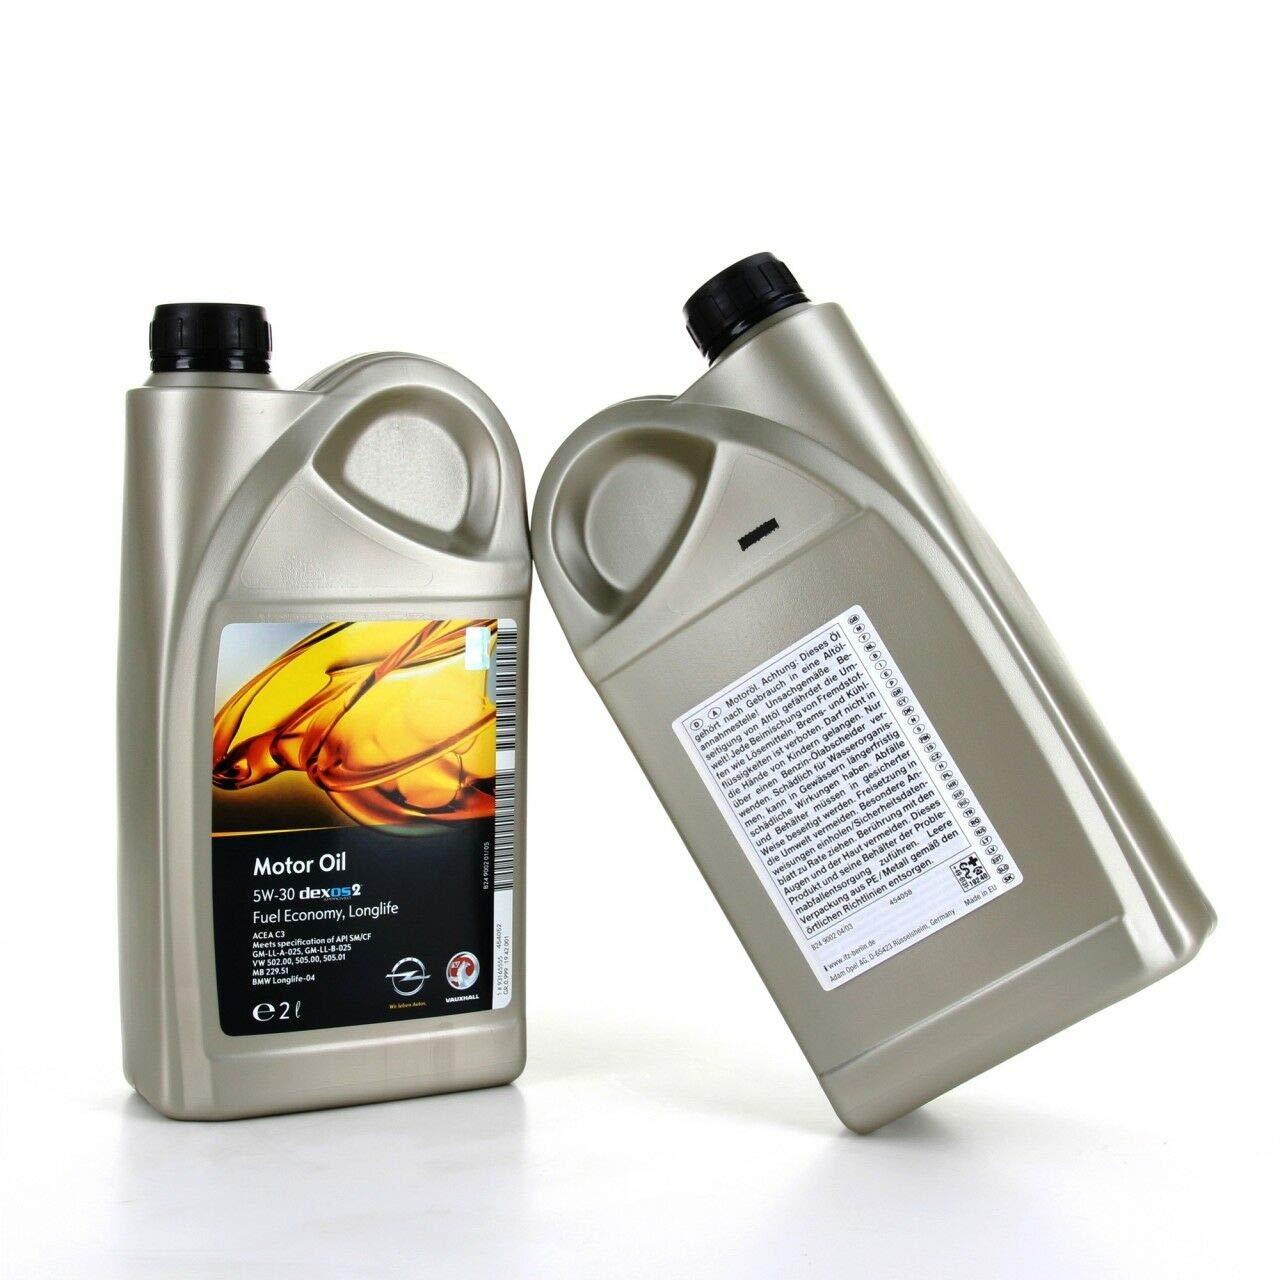 Opel Aceite Motor Original dexos 2 Oil 5w-30, 2 litros: Amazon.es ...